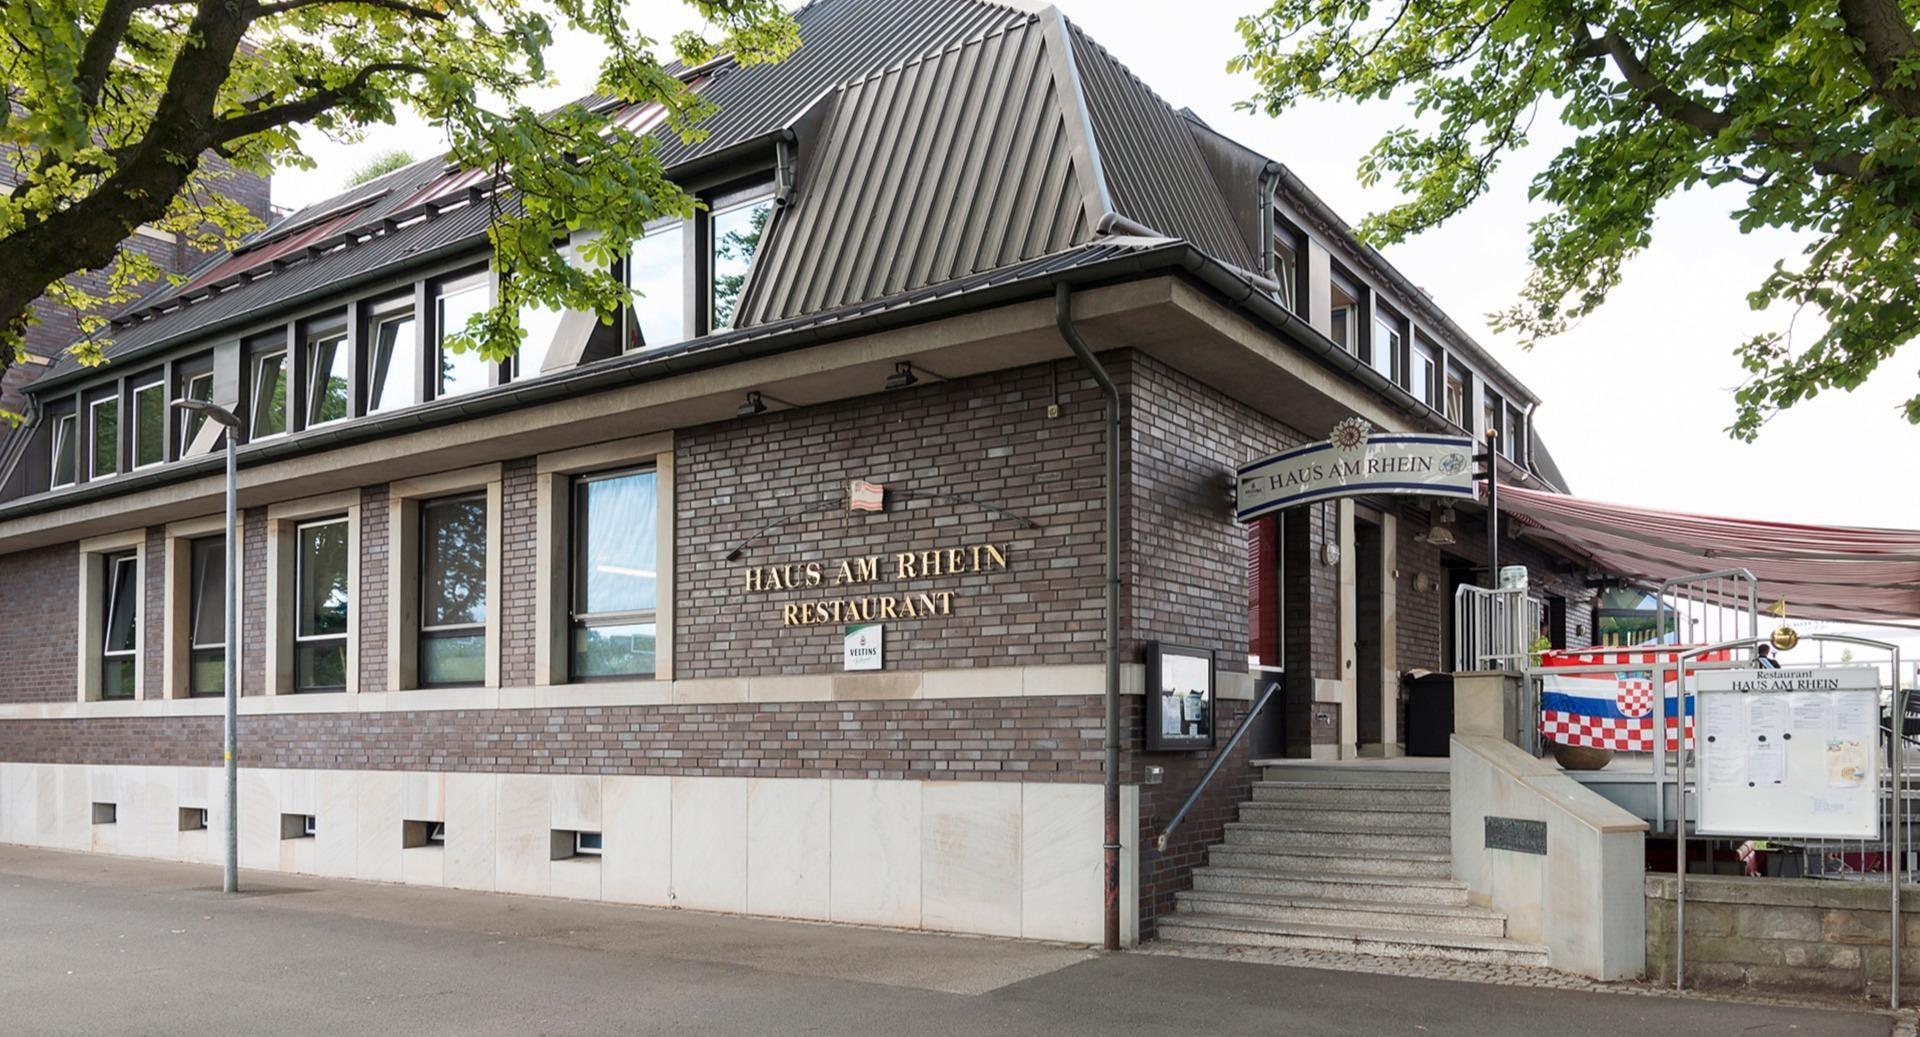 Restaurant Haus am Rhein Düsseldorf image 1